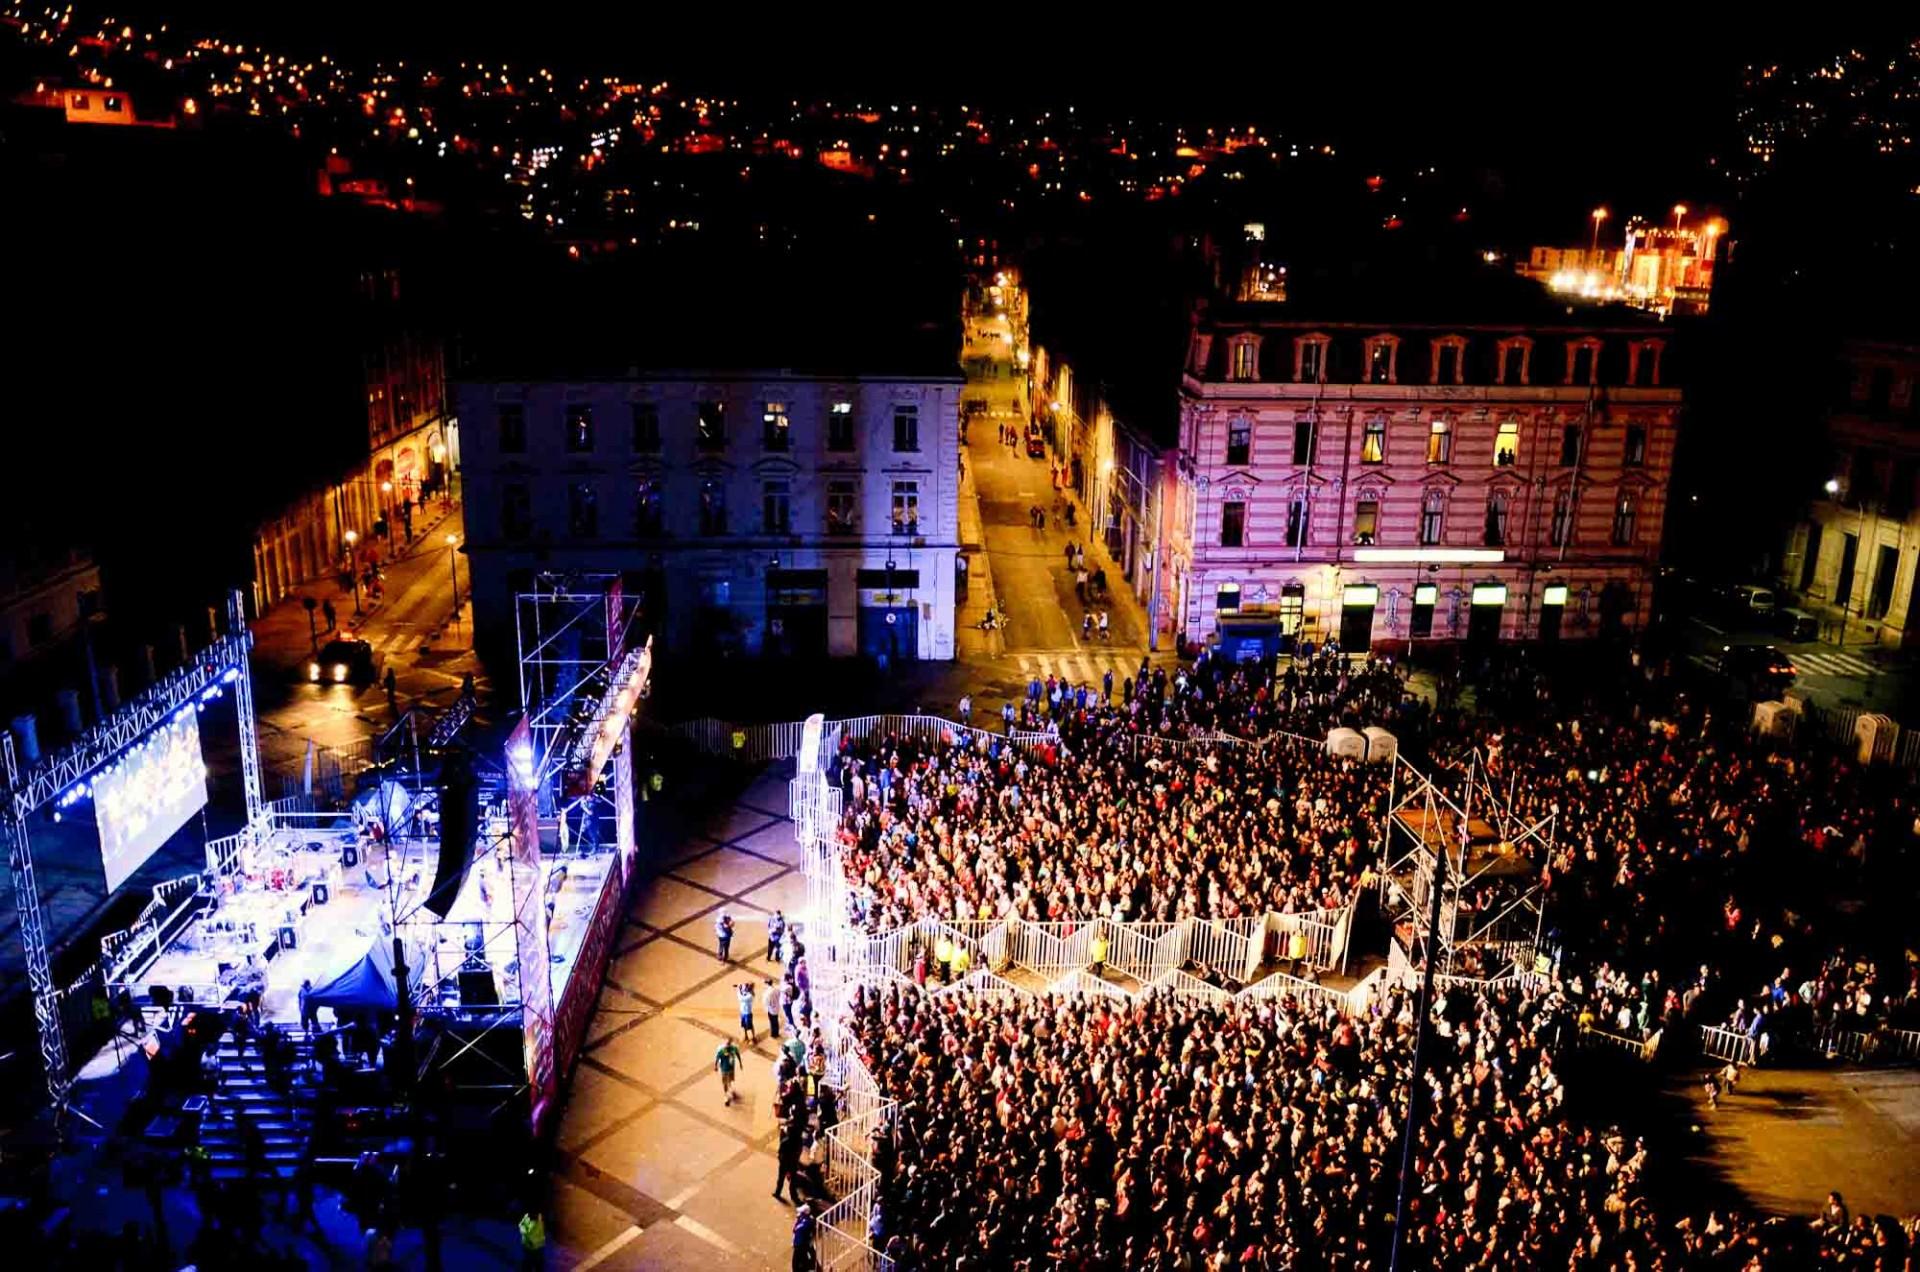 Plaza Sotomayor se consolida como el principal espacio para encuentros masivos con la música y demases.